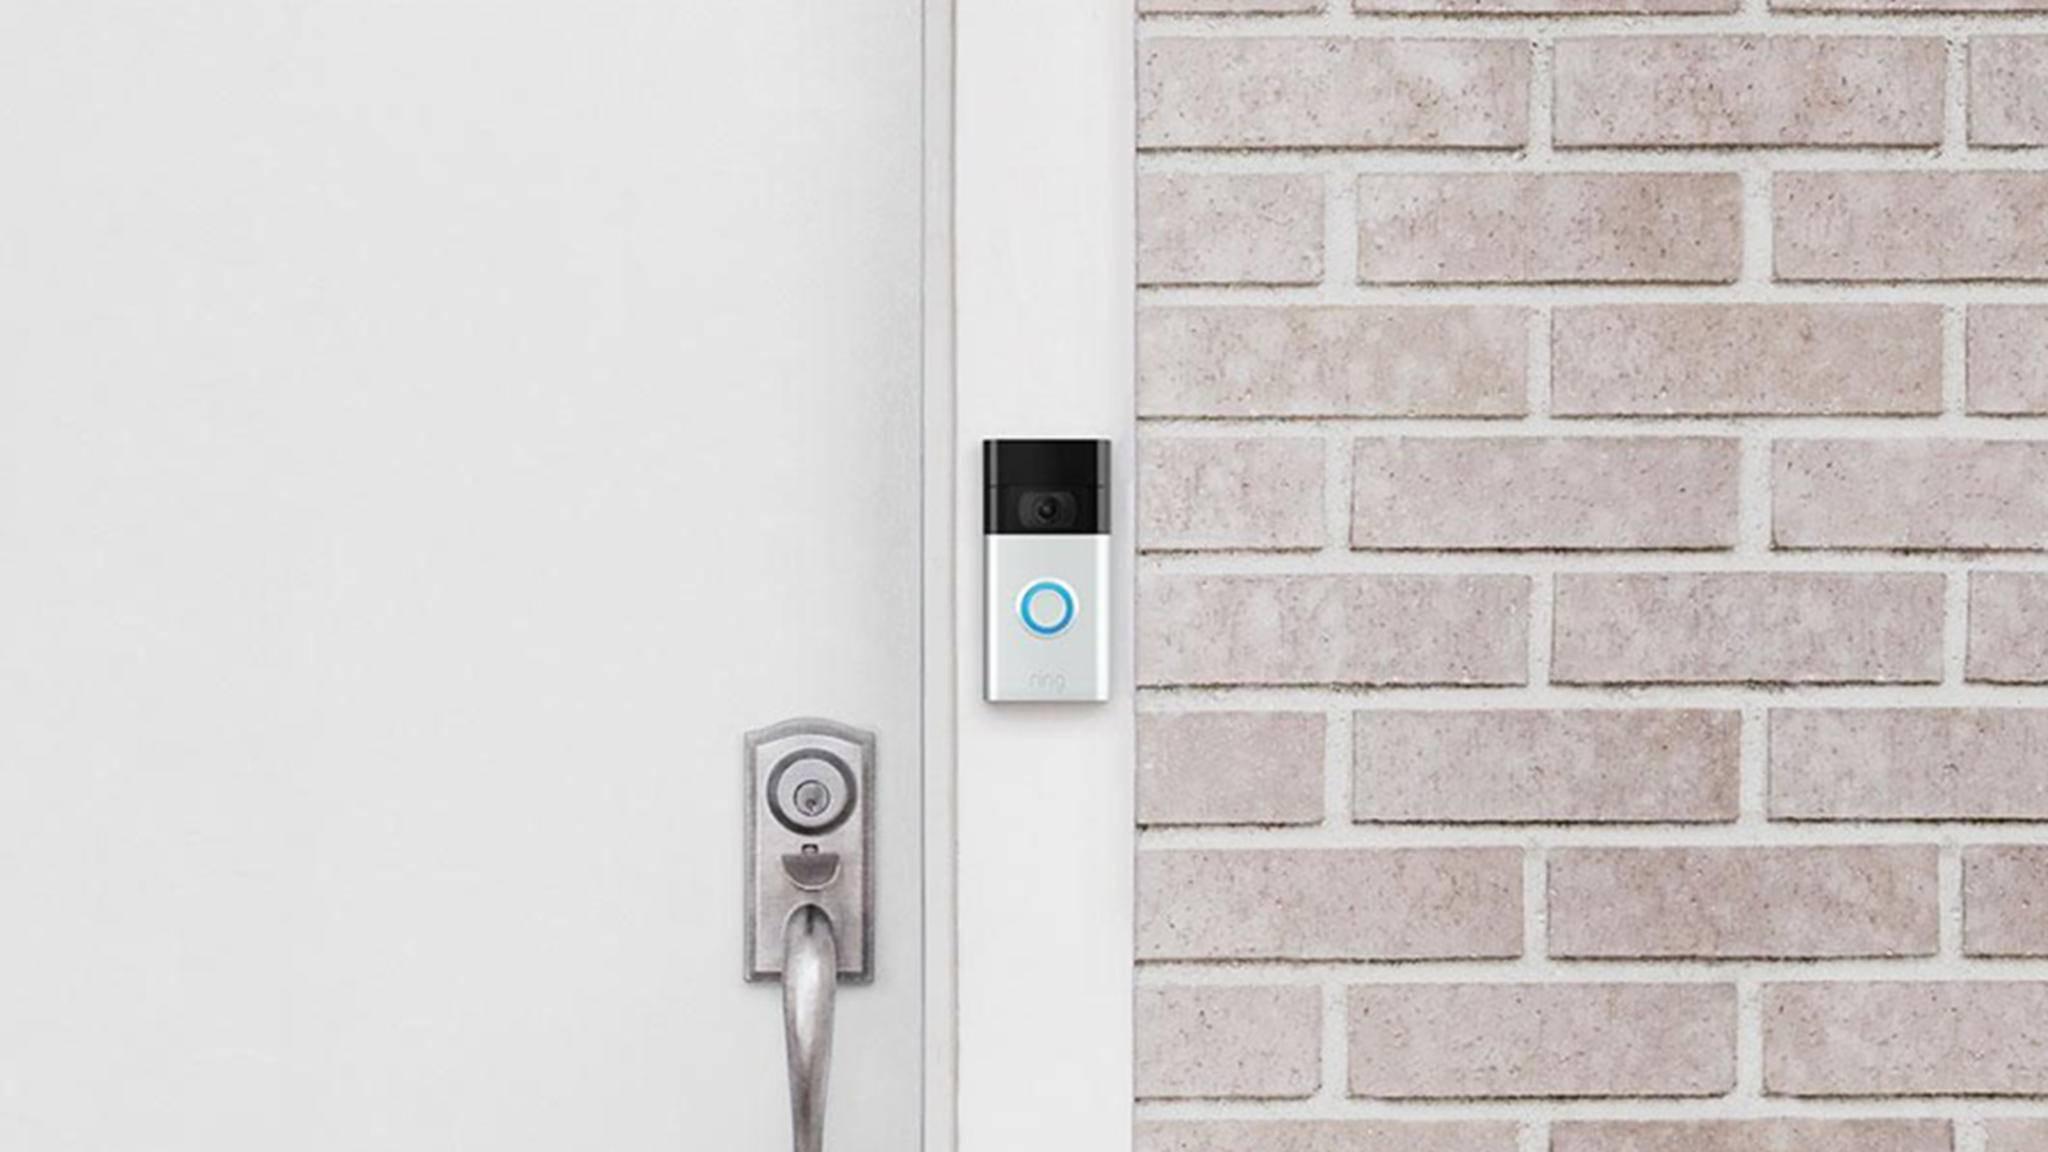 Rind Video Doorbell